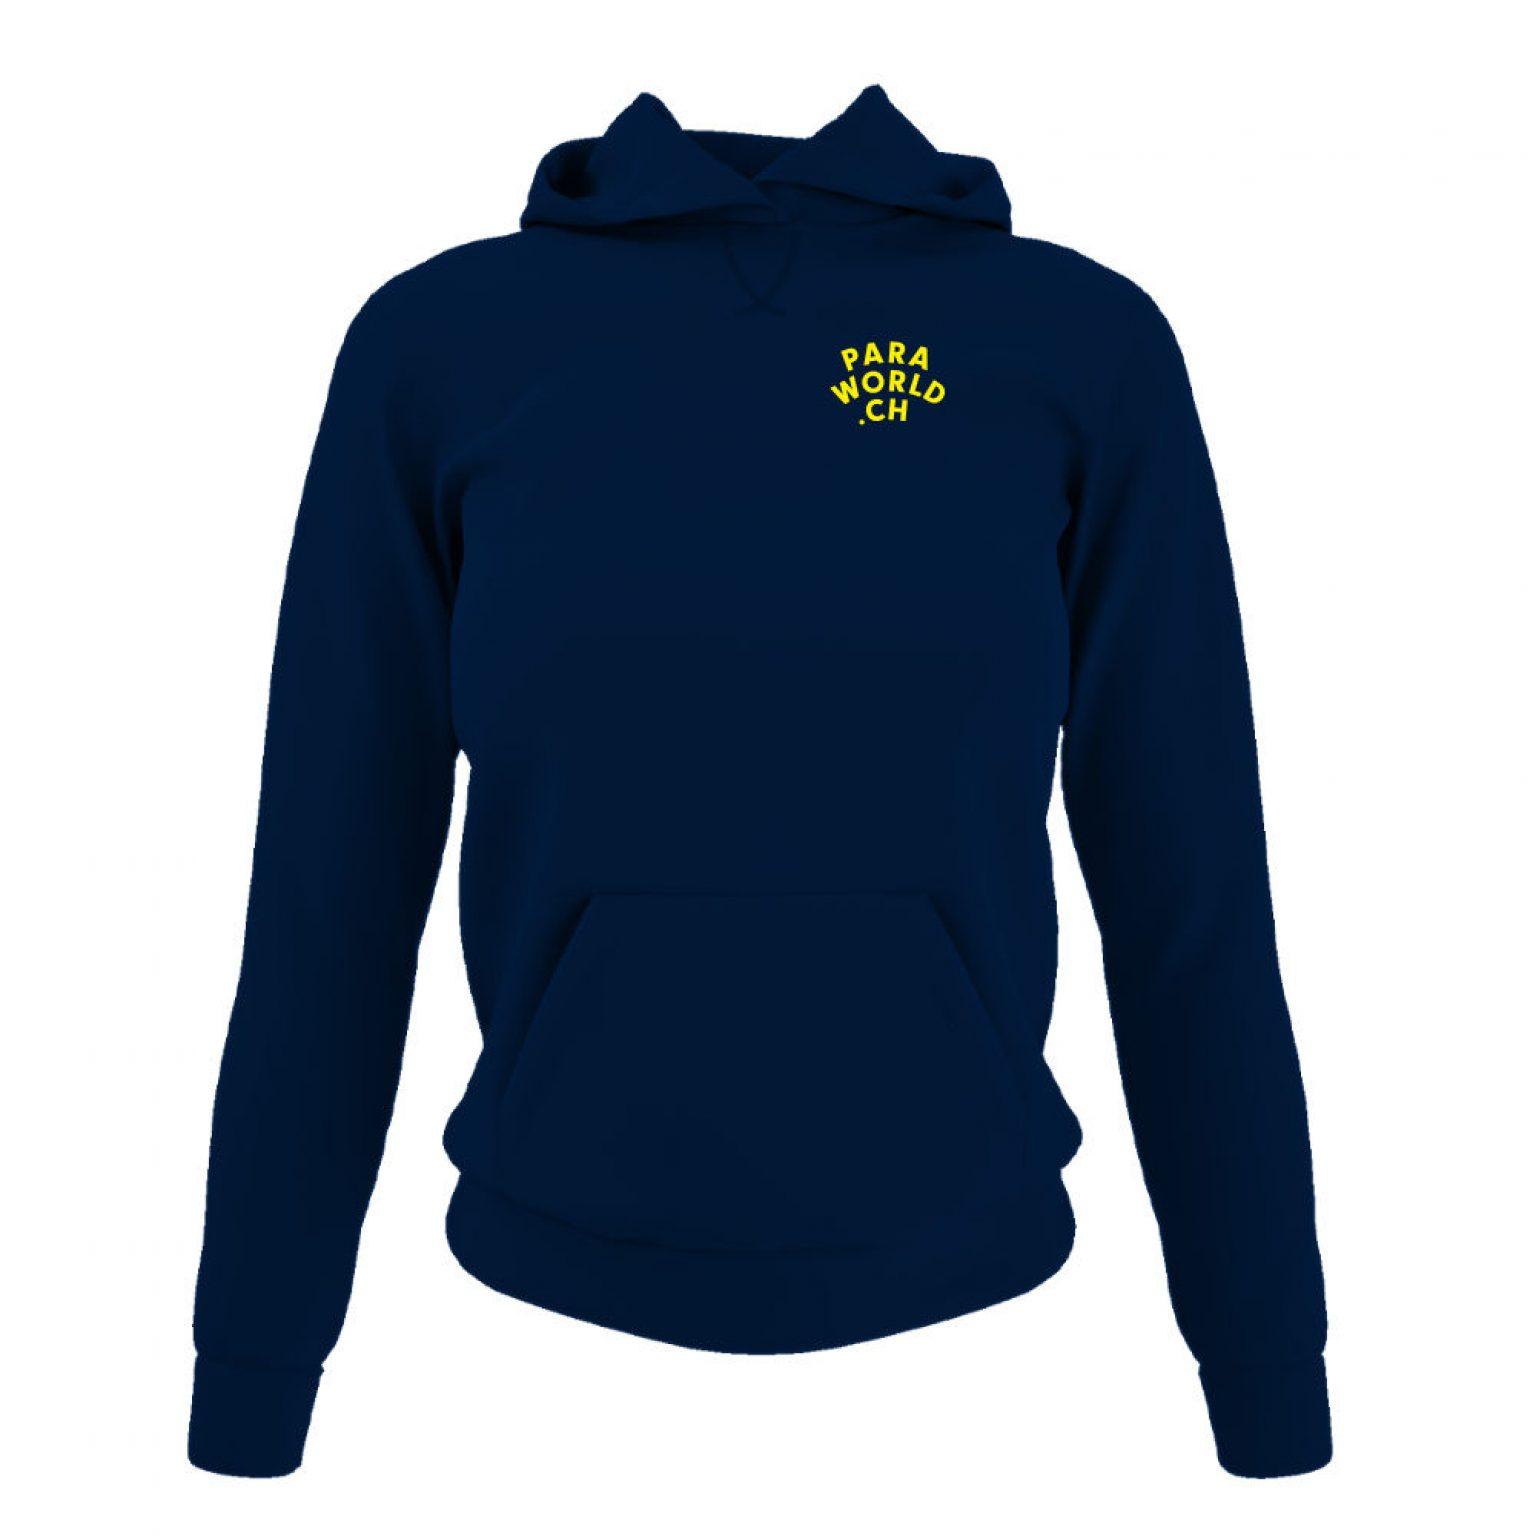 JTA b hoodie damen navy front